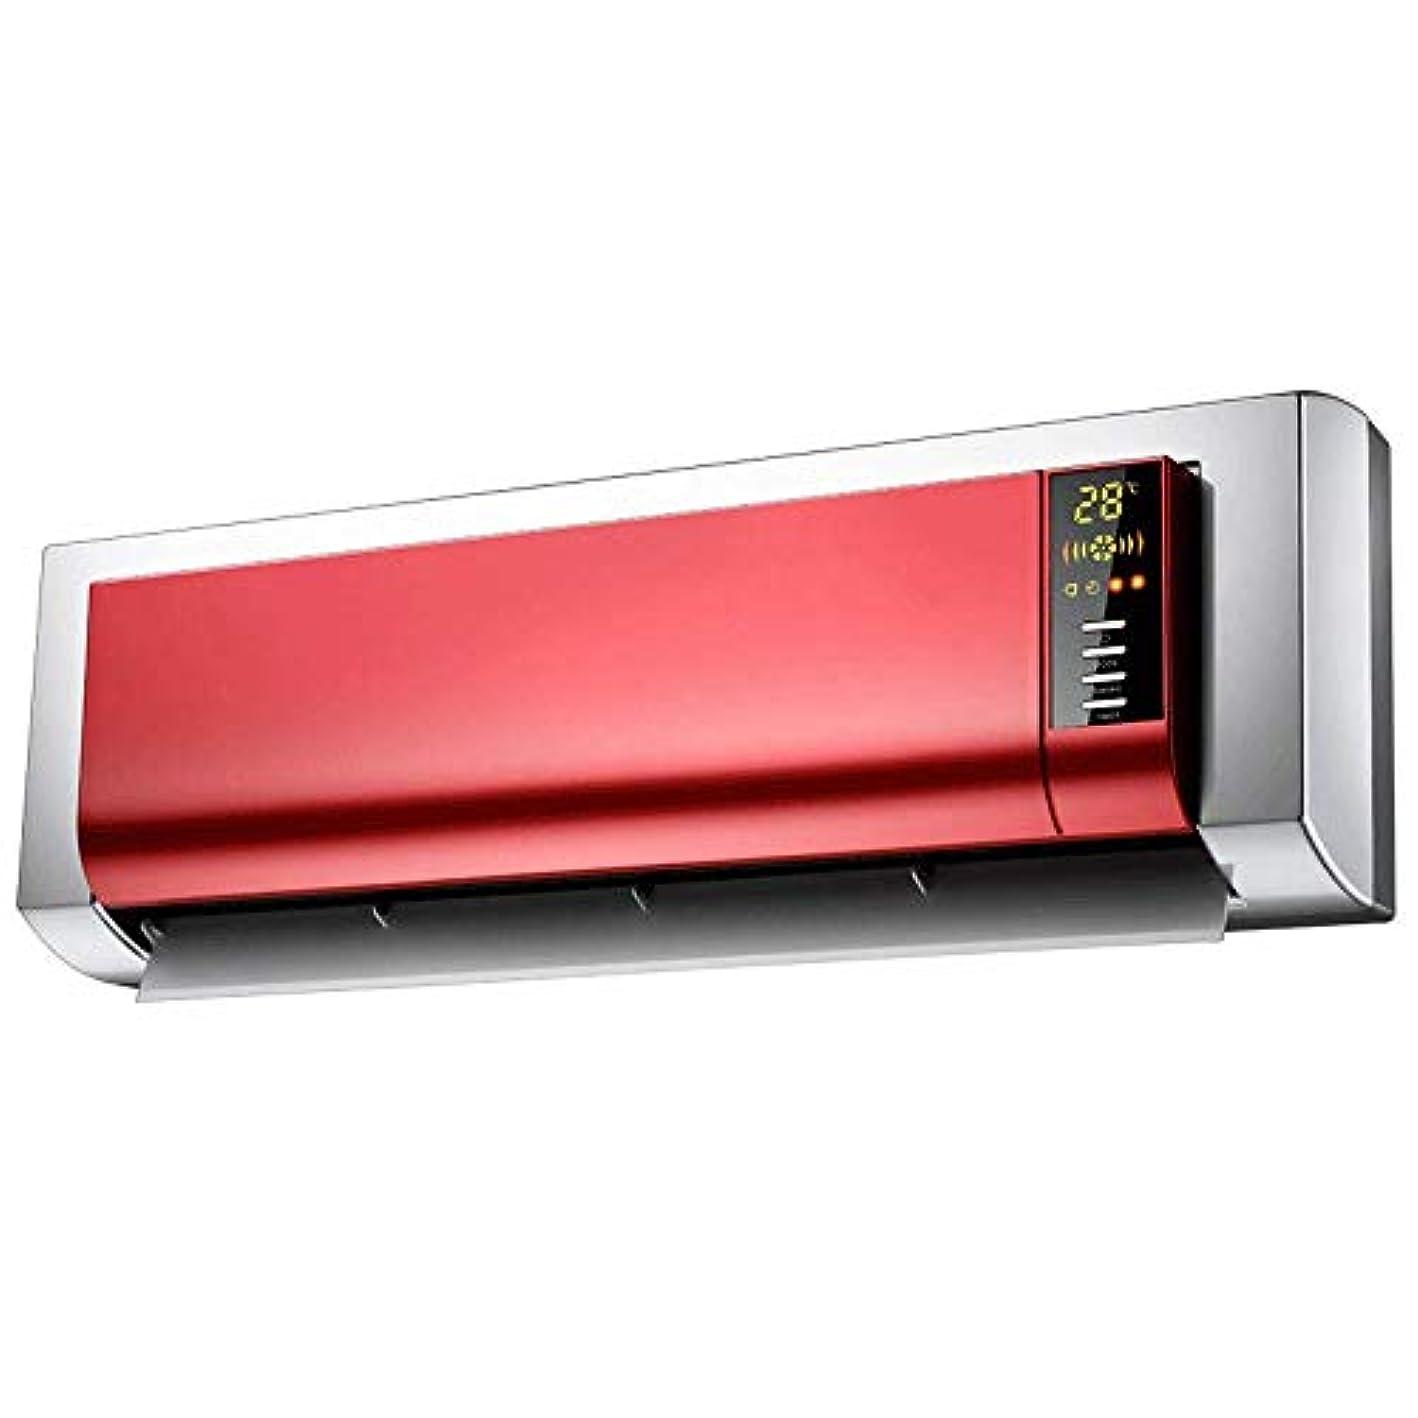 薬を飲むスキー色電気ヒーターリモコン壁掛け式デジタルLCDディスプレイPTCセラミックヒーター2000W赤